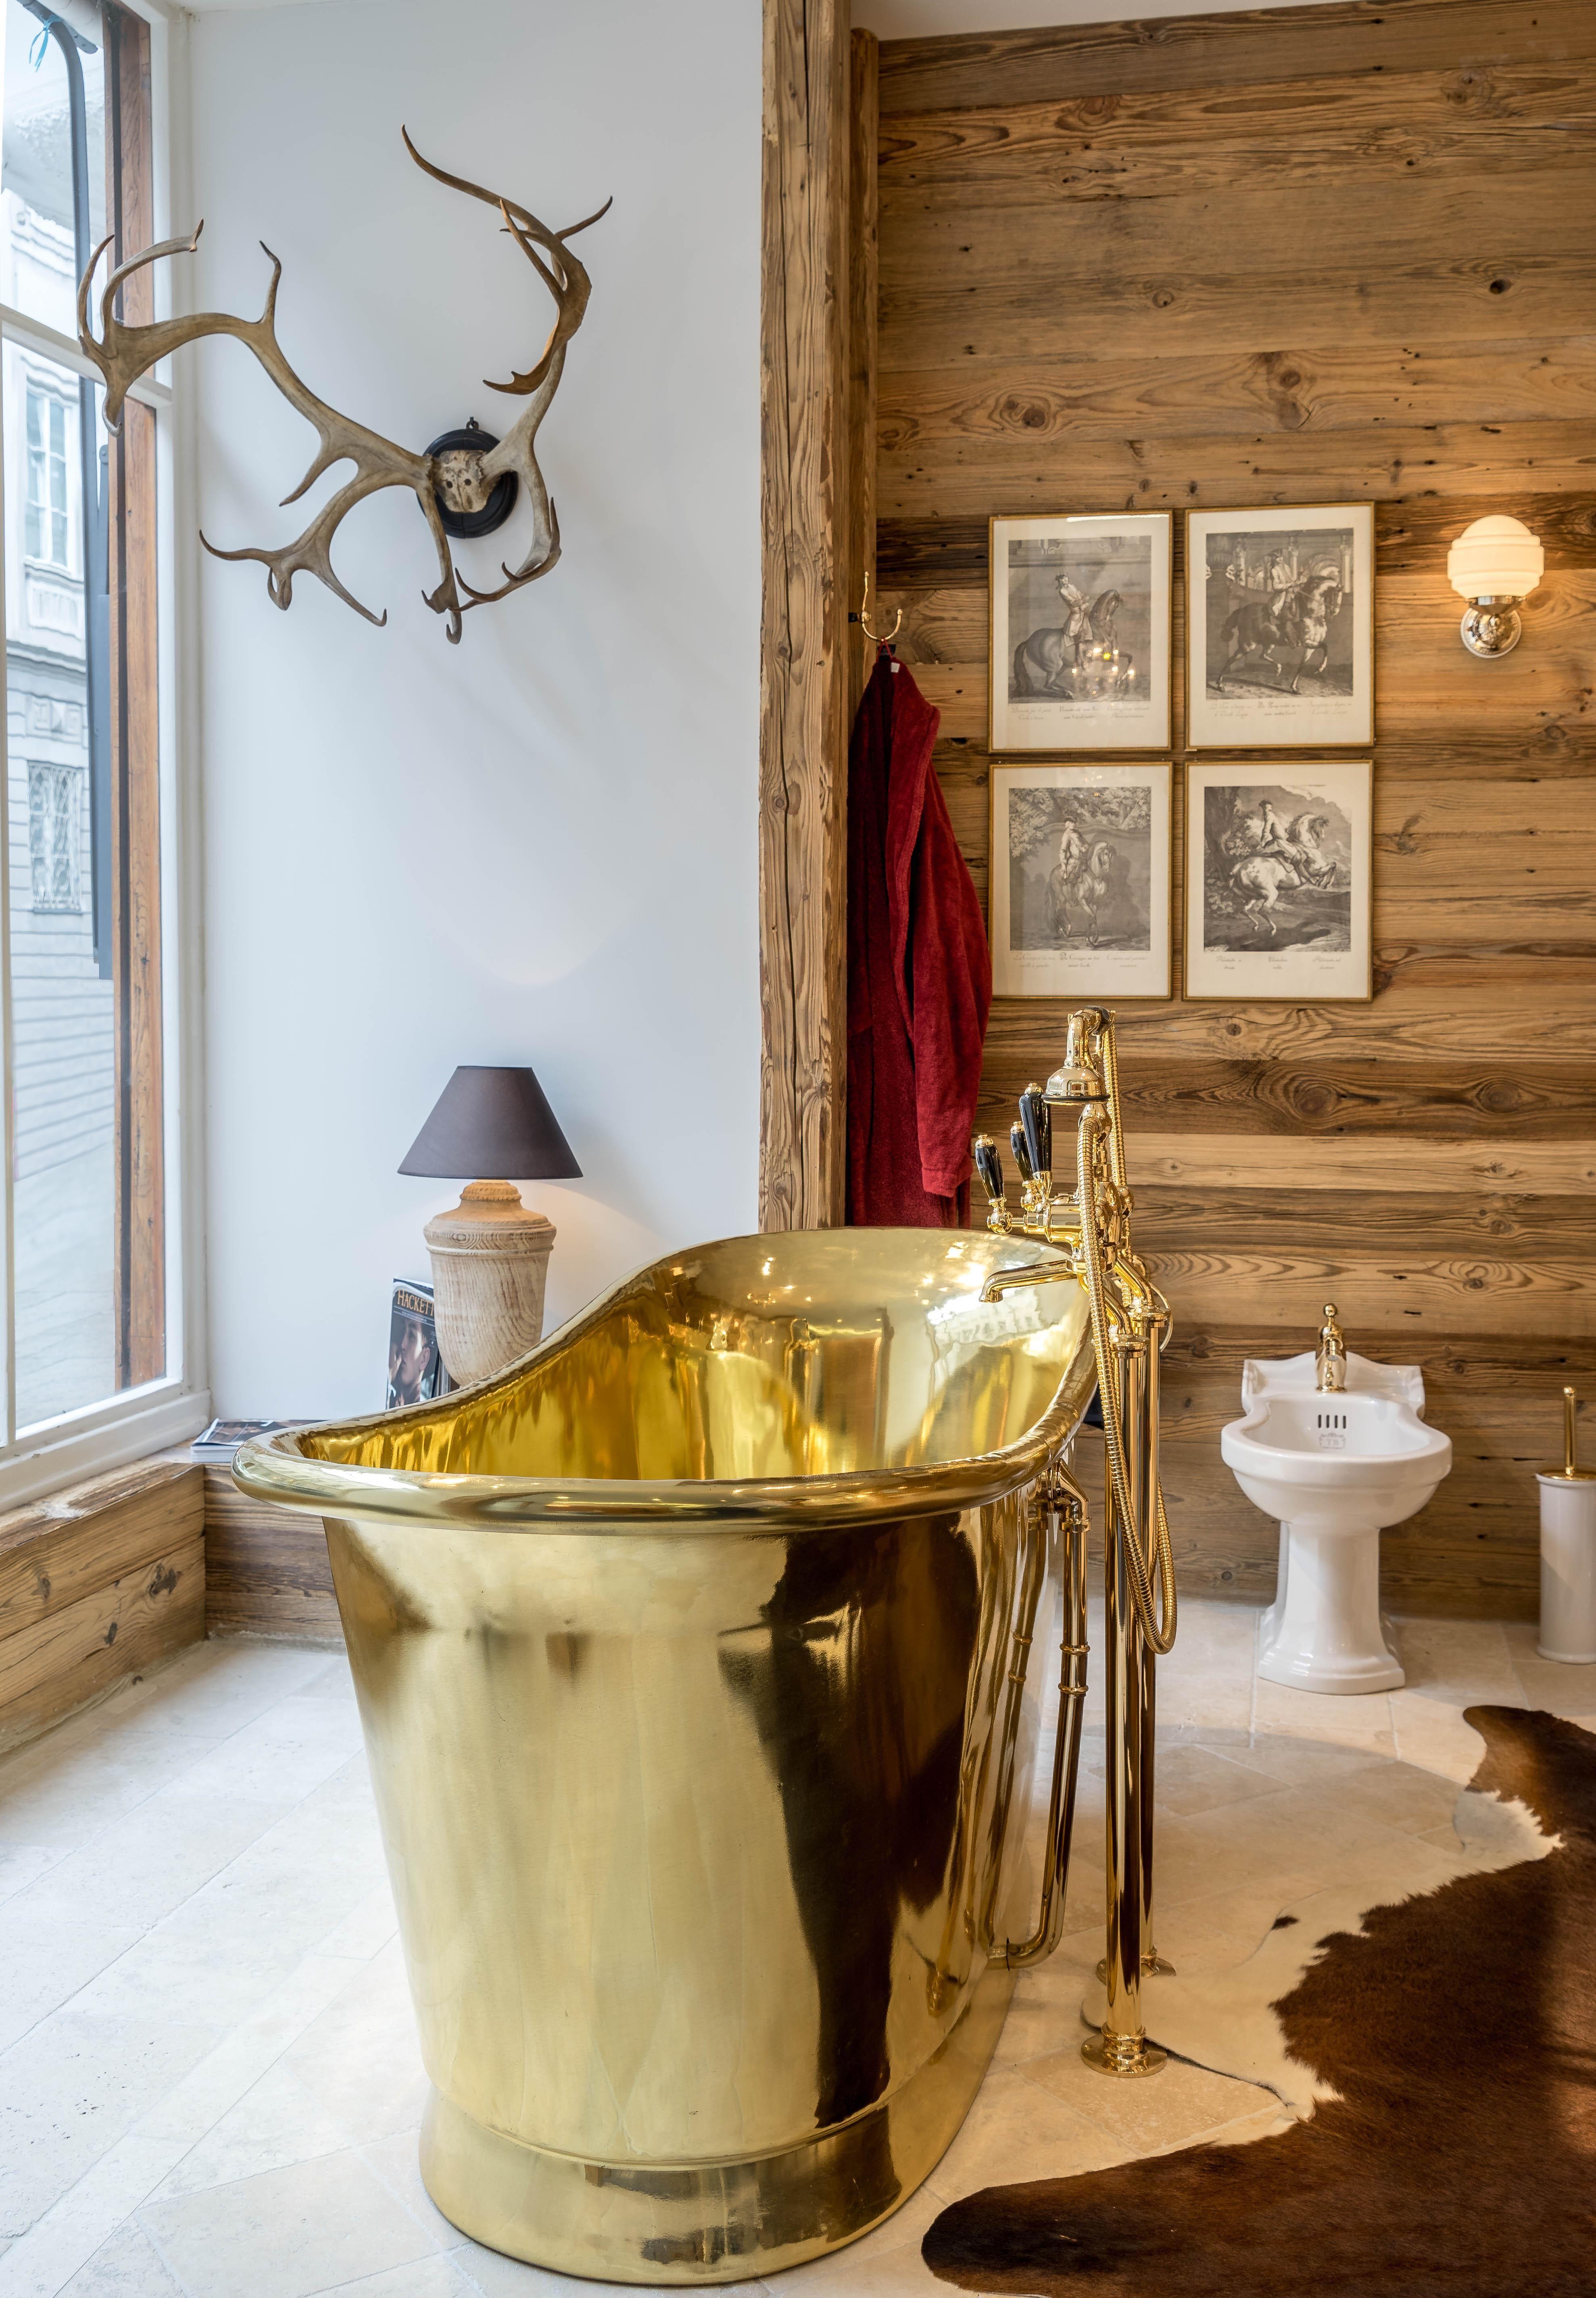 Eine Perfekte Kombination Aus Klassischem Chaletstil Und Einer Typisch Englischen Kupferbadewanne Modell Cuprosa Kupferba Badewanne Wanne Typisch Englisch